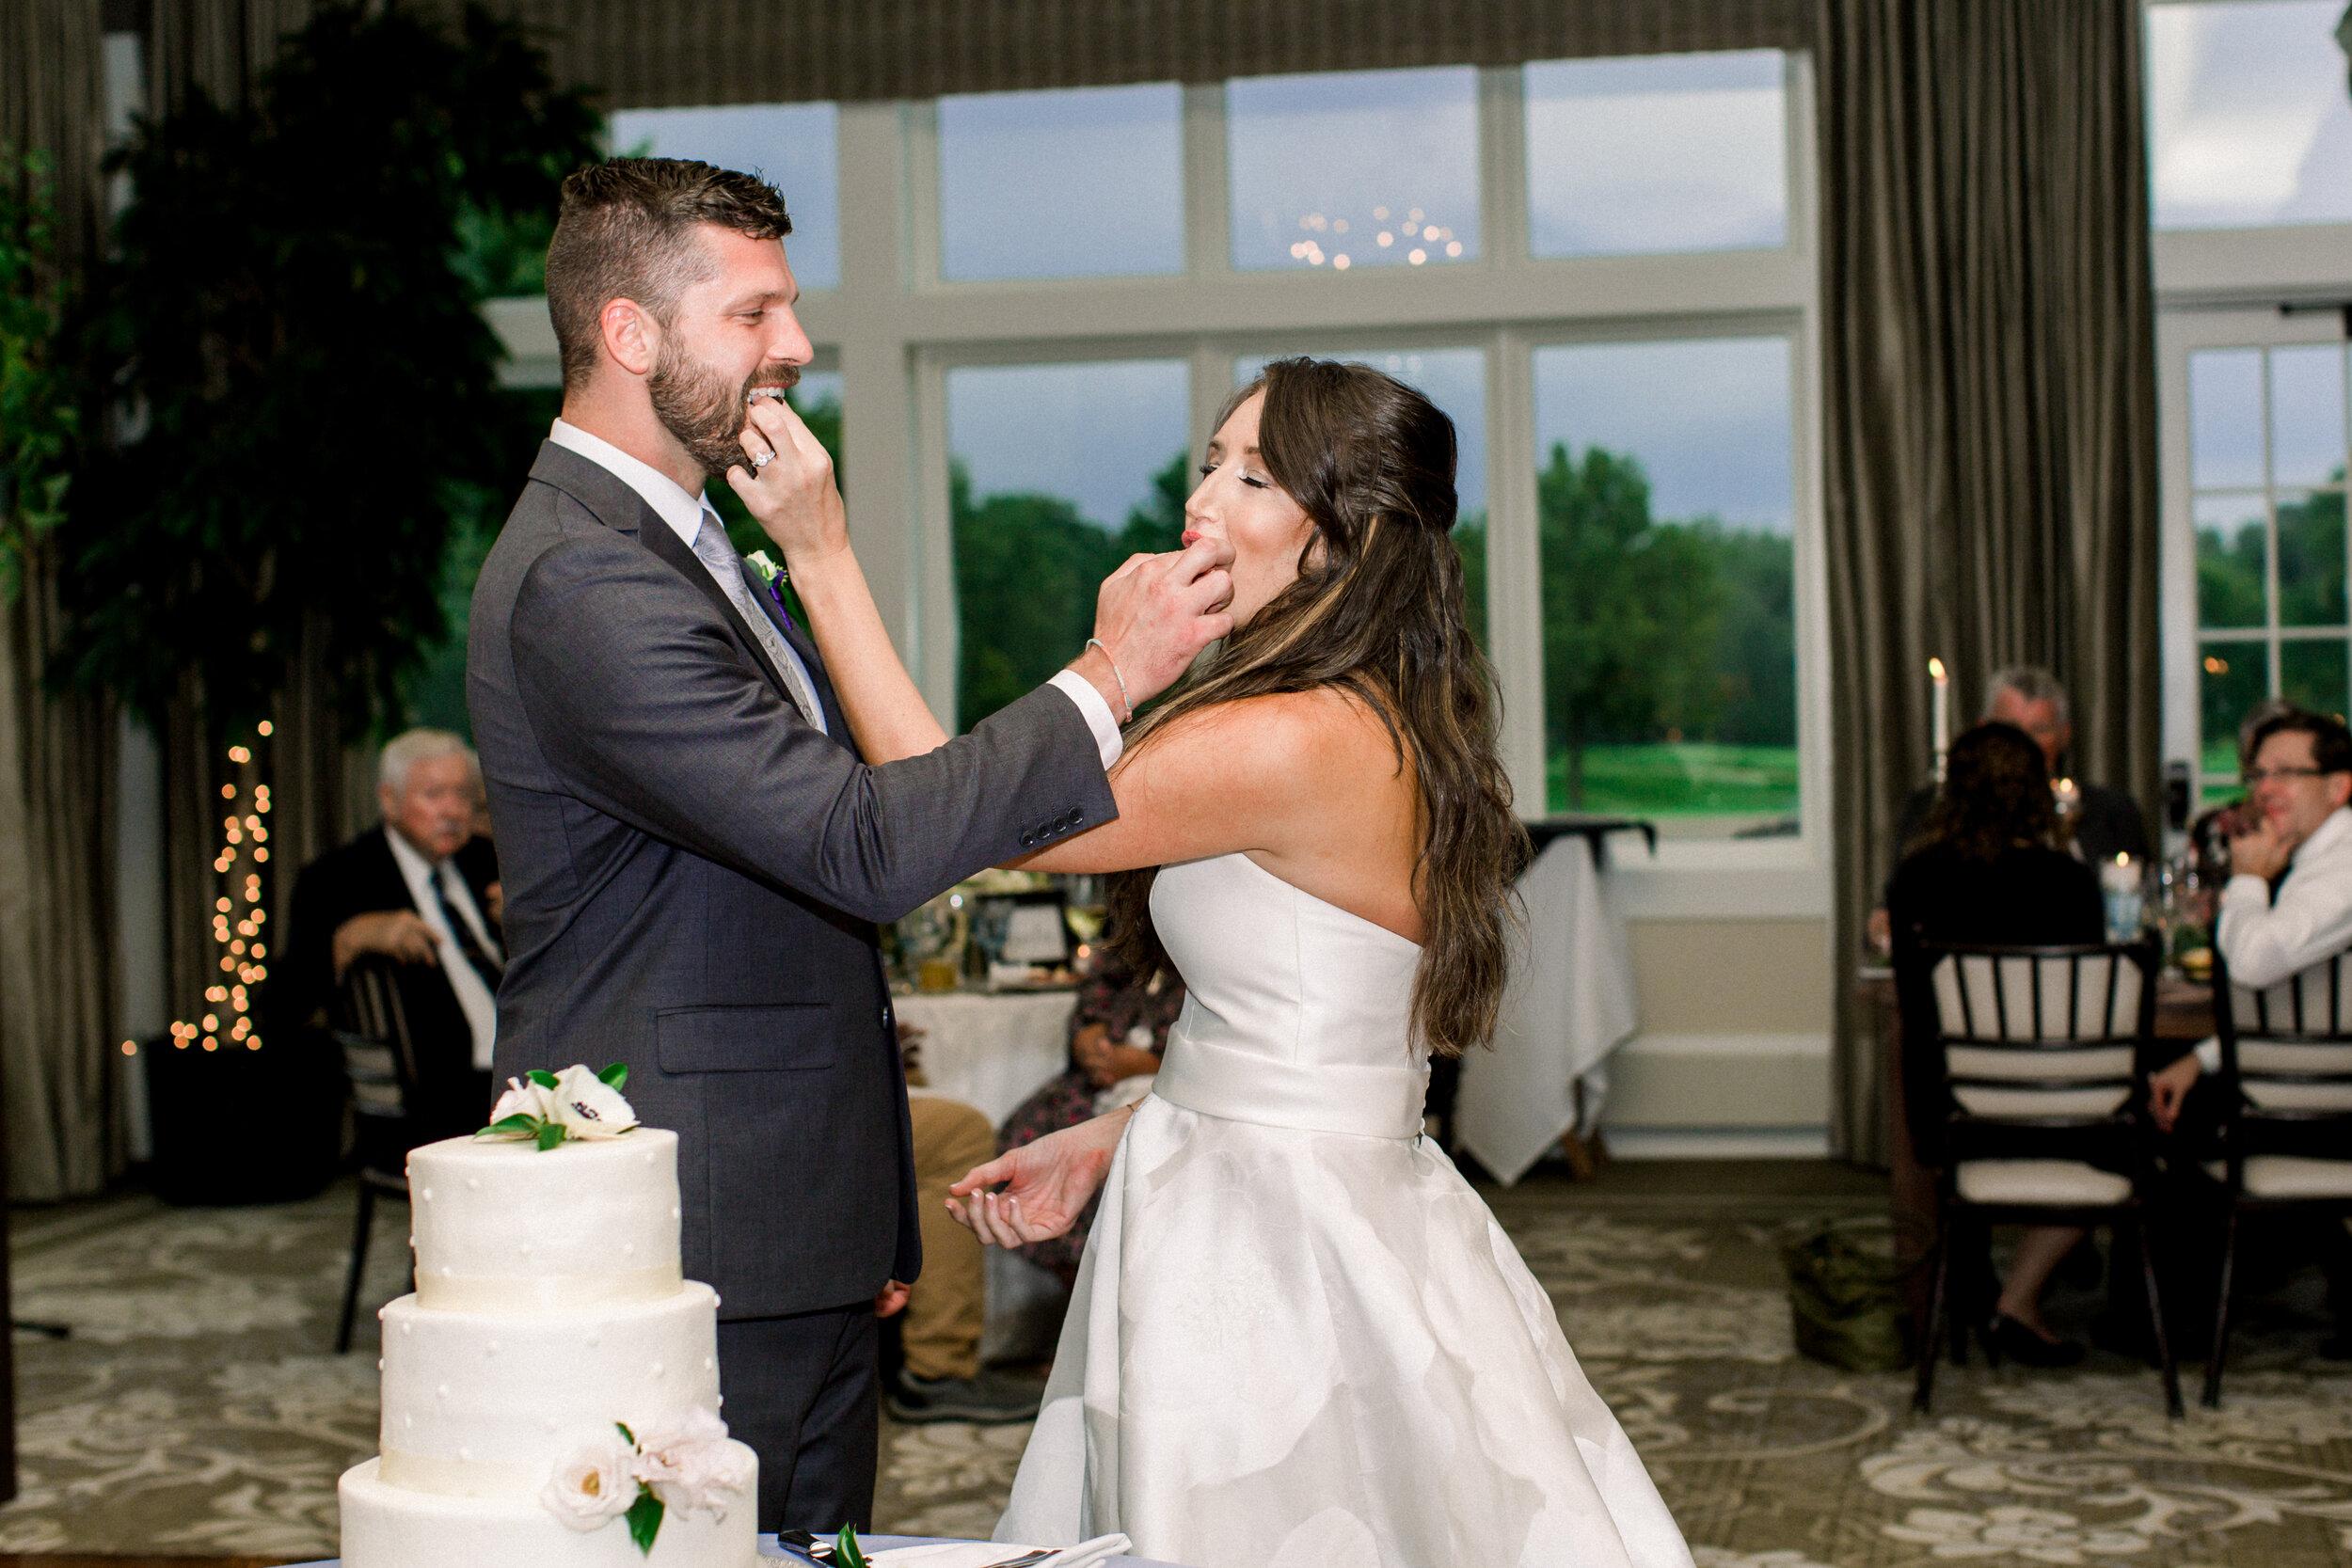 Kuiper+Wedding+Reception-36.jpg